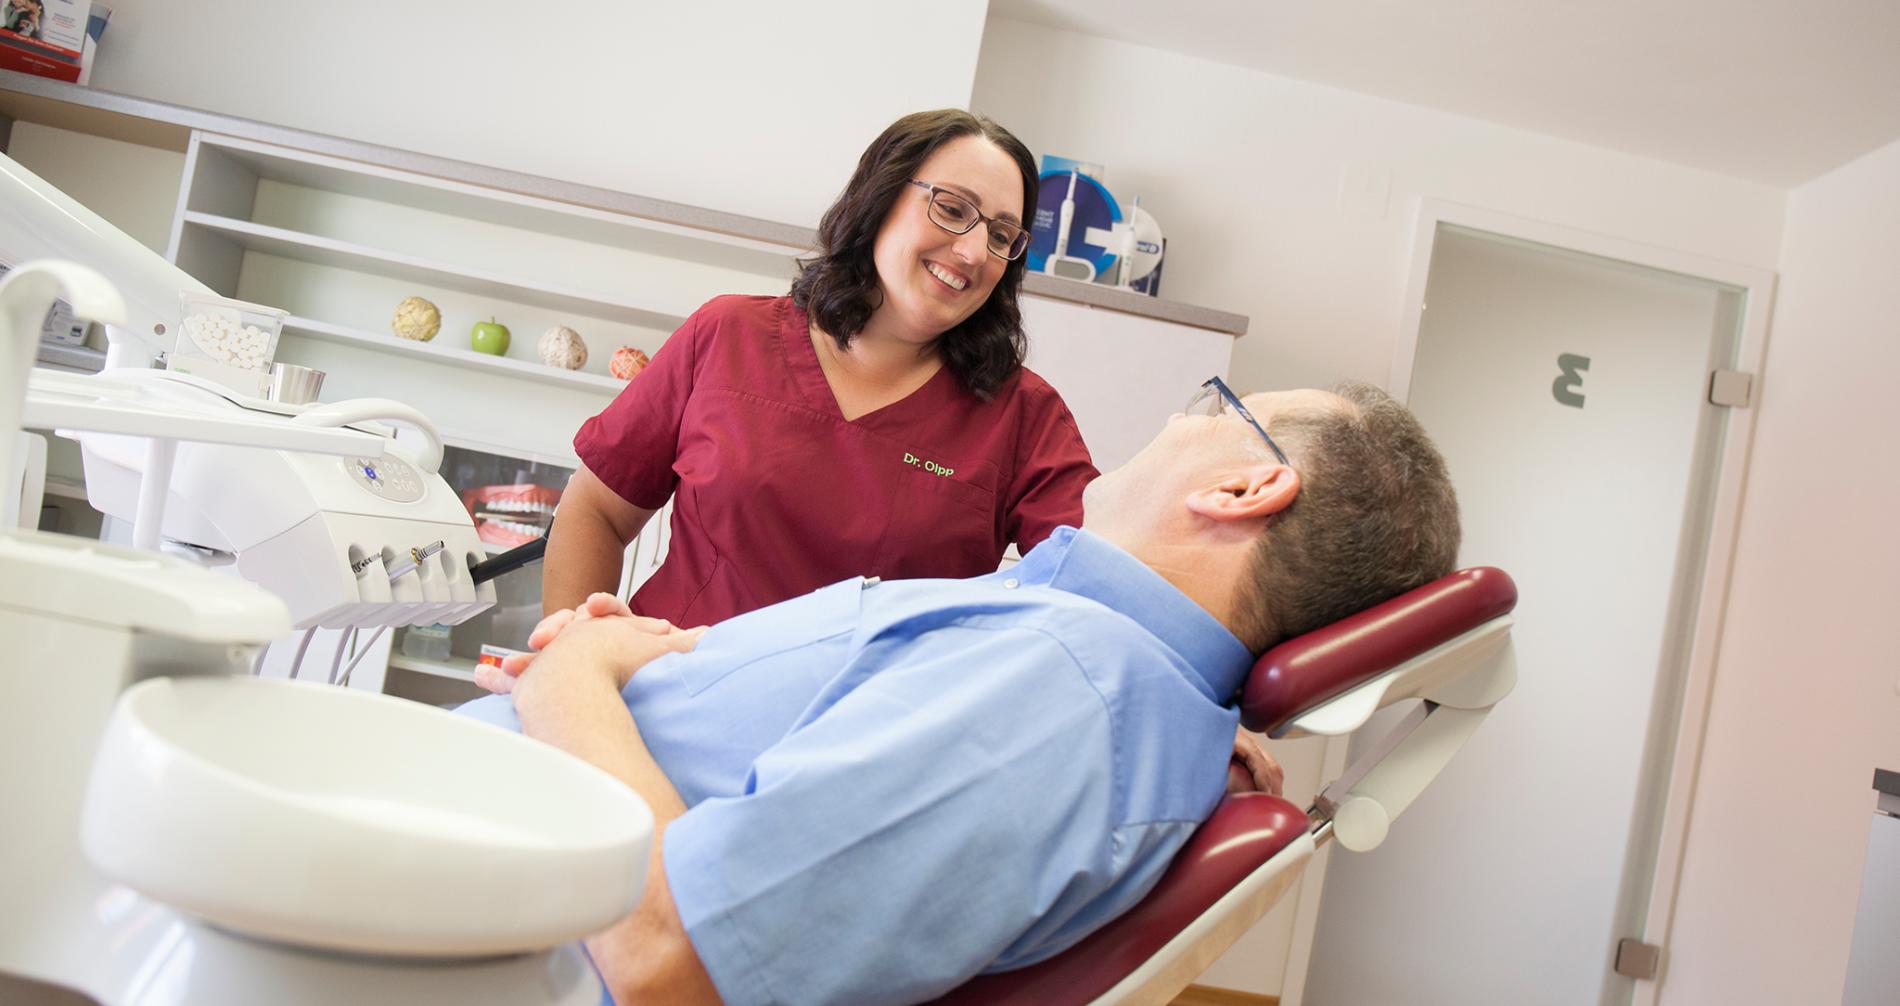 Zahnimplantate Eingriff in Ötisheim bei Mühlacker